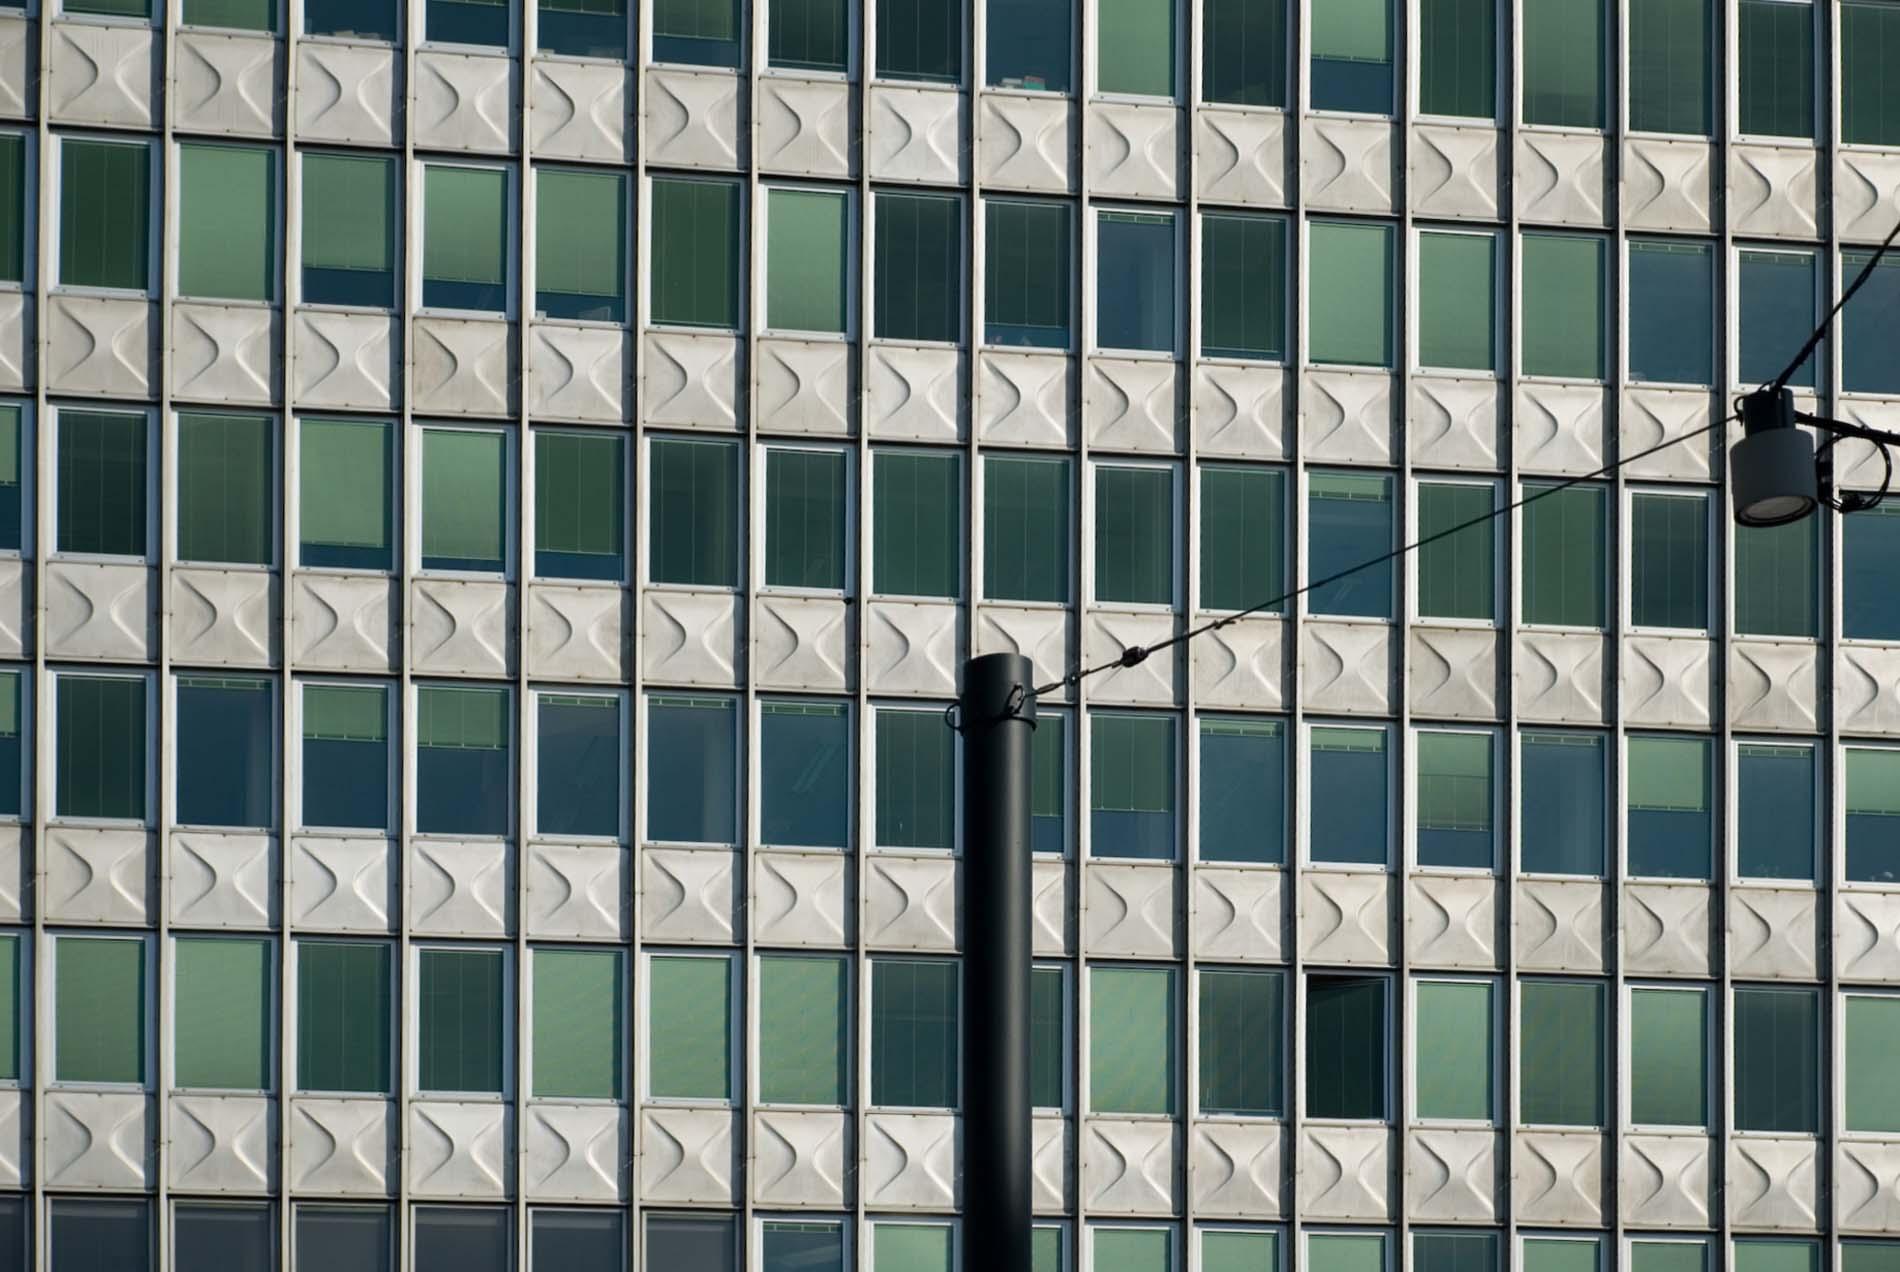 Fortschrittlich. Das von Edo Mihevc und Branko Kraševac entworfene und 1963 fertiggestellte Metalka Bürohochhaus hatte die Wolkenkratzer in New York zum Vorbild. Die Fassade aus vorgefertigten Aluminiumfassaden war damals ein Novum in der Architektur Sloweniens.